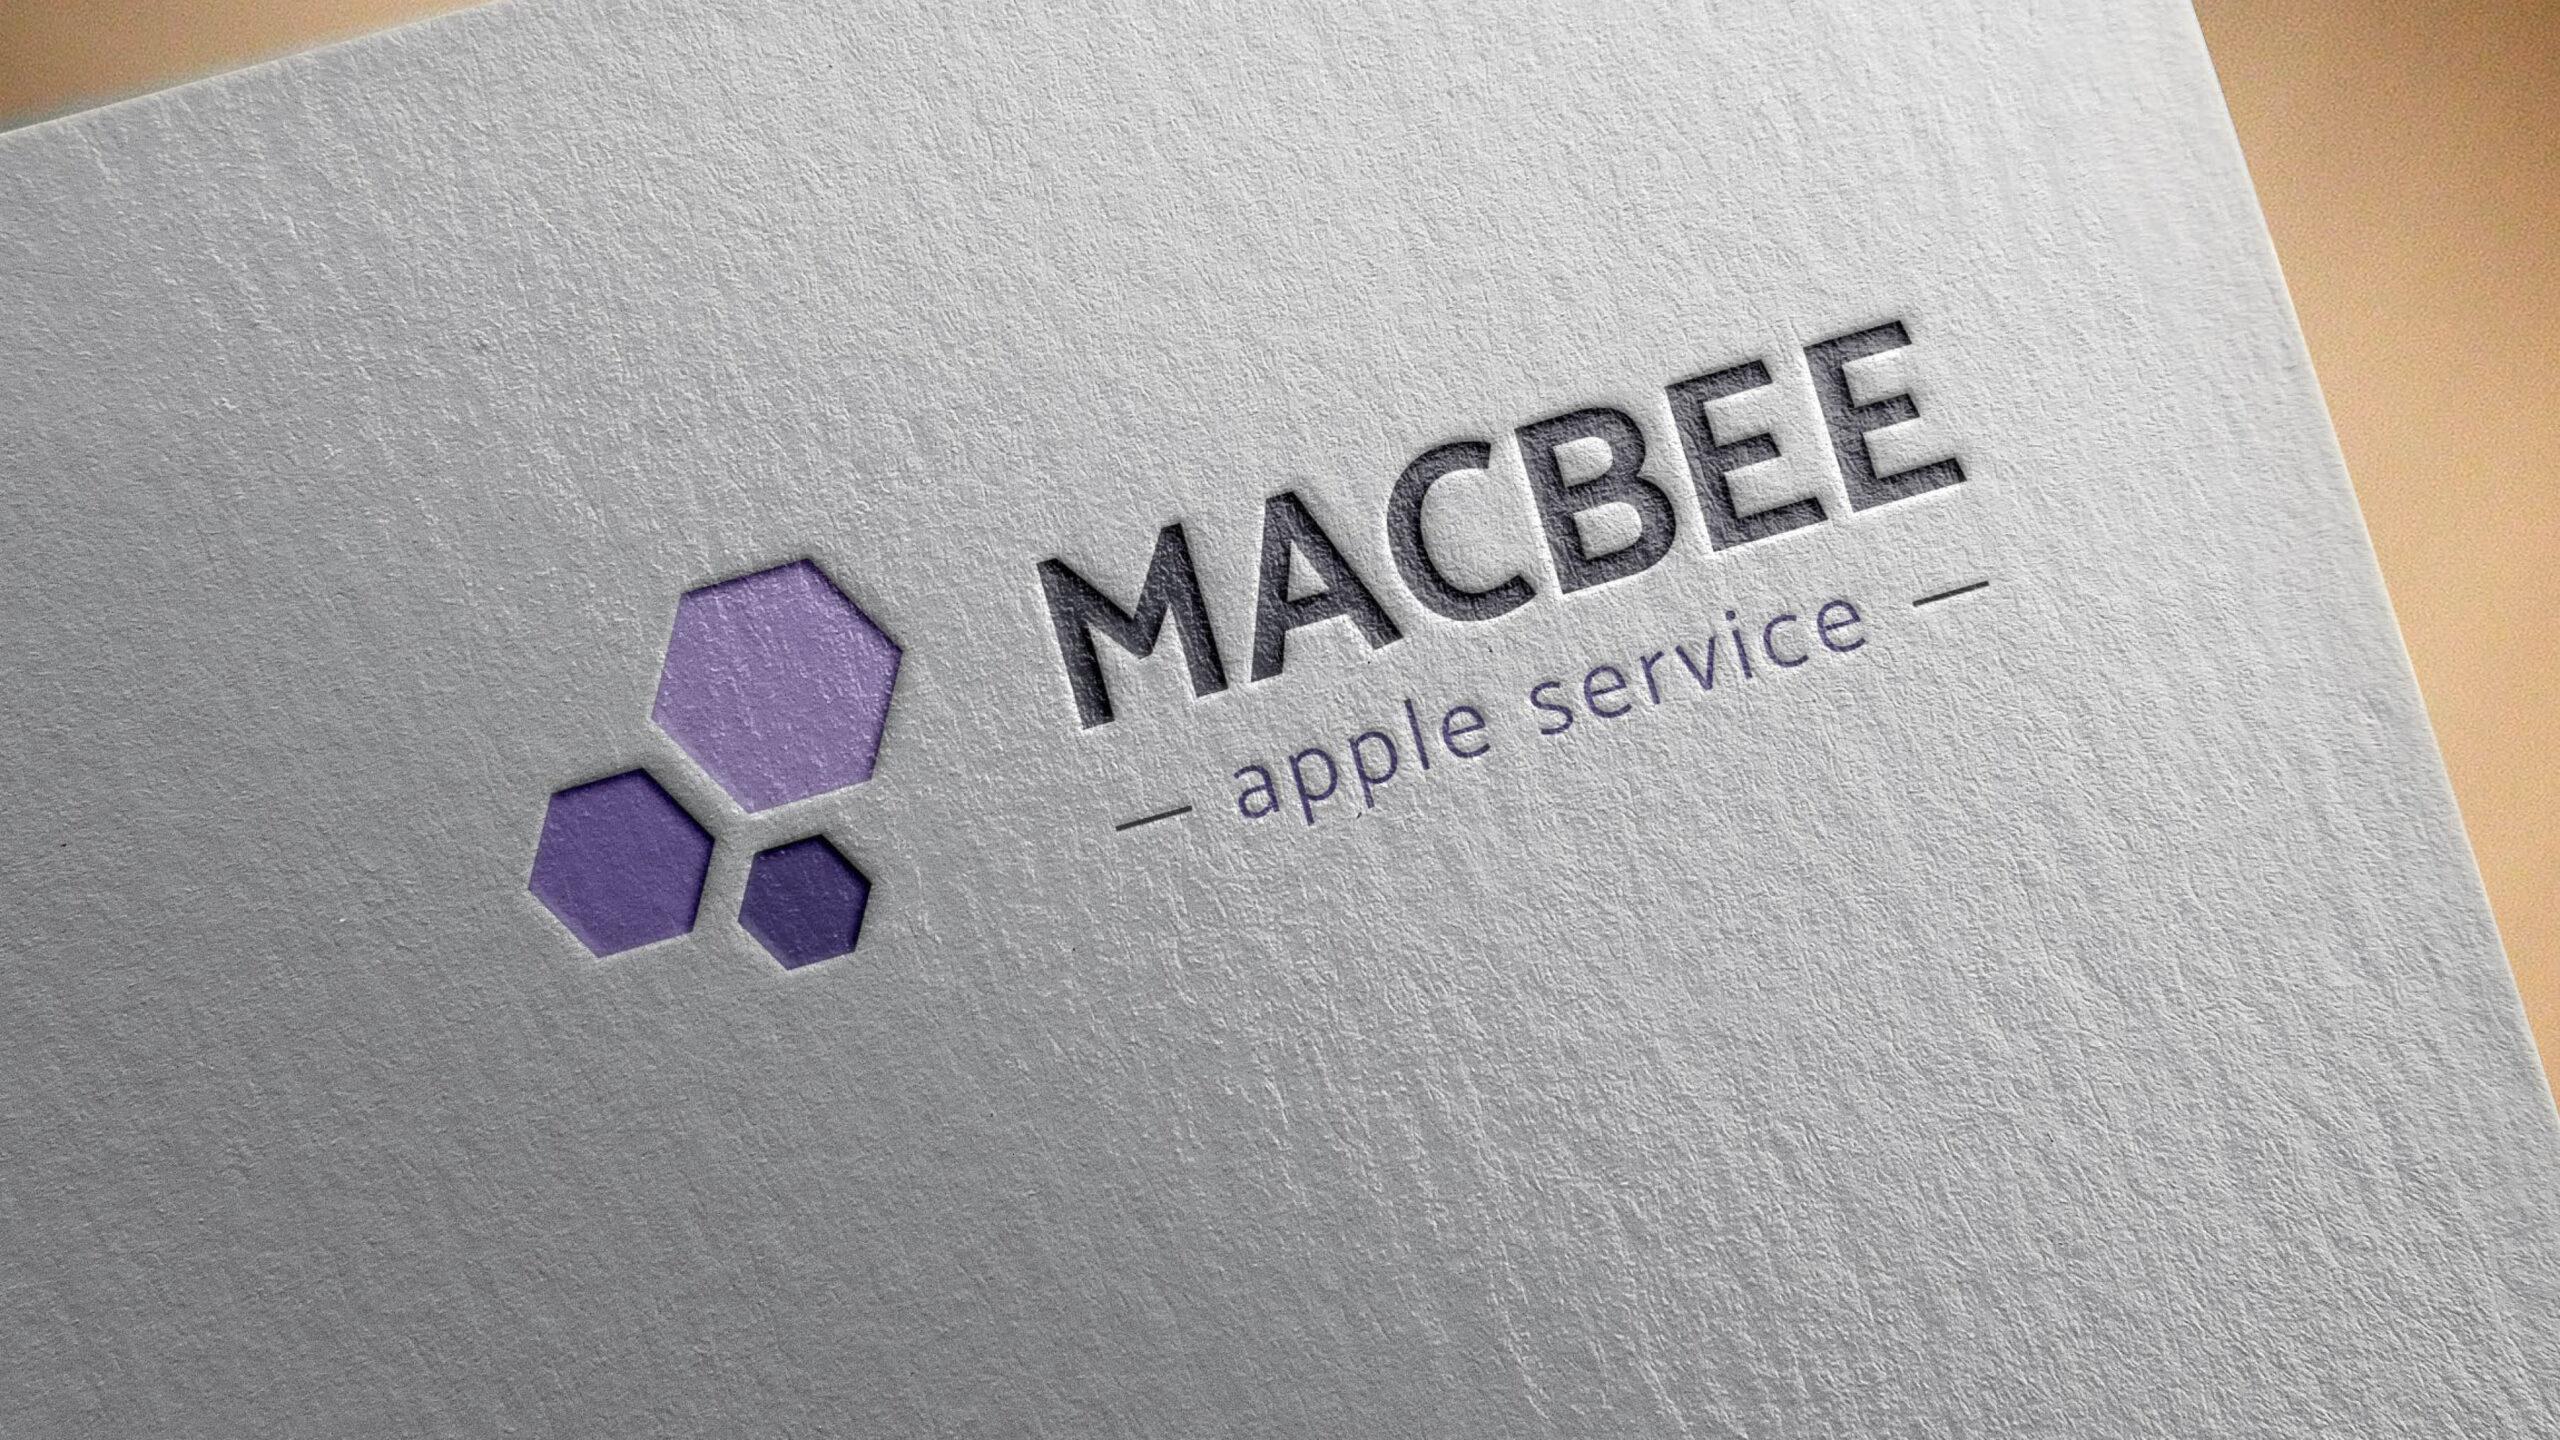 Mac Bee návrh loga